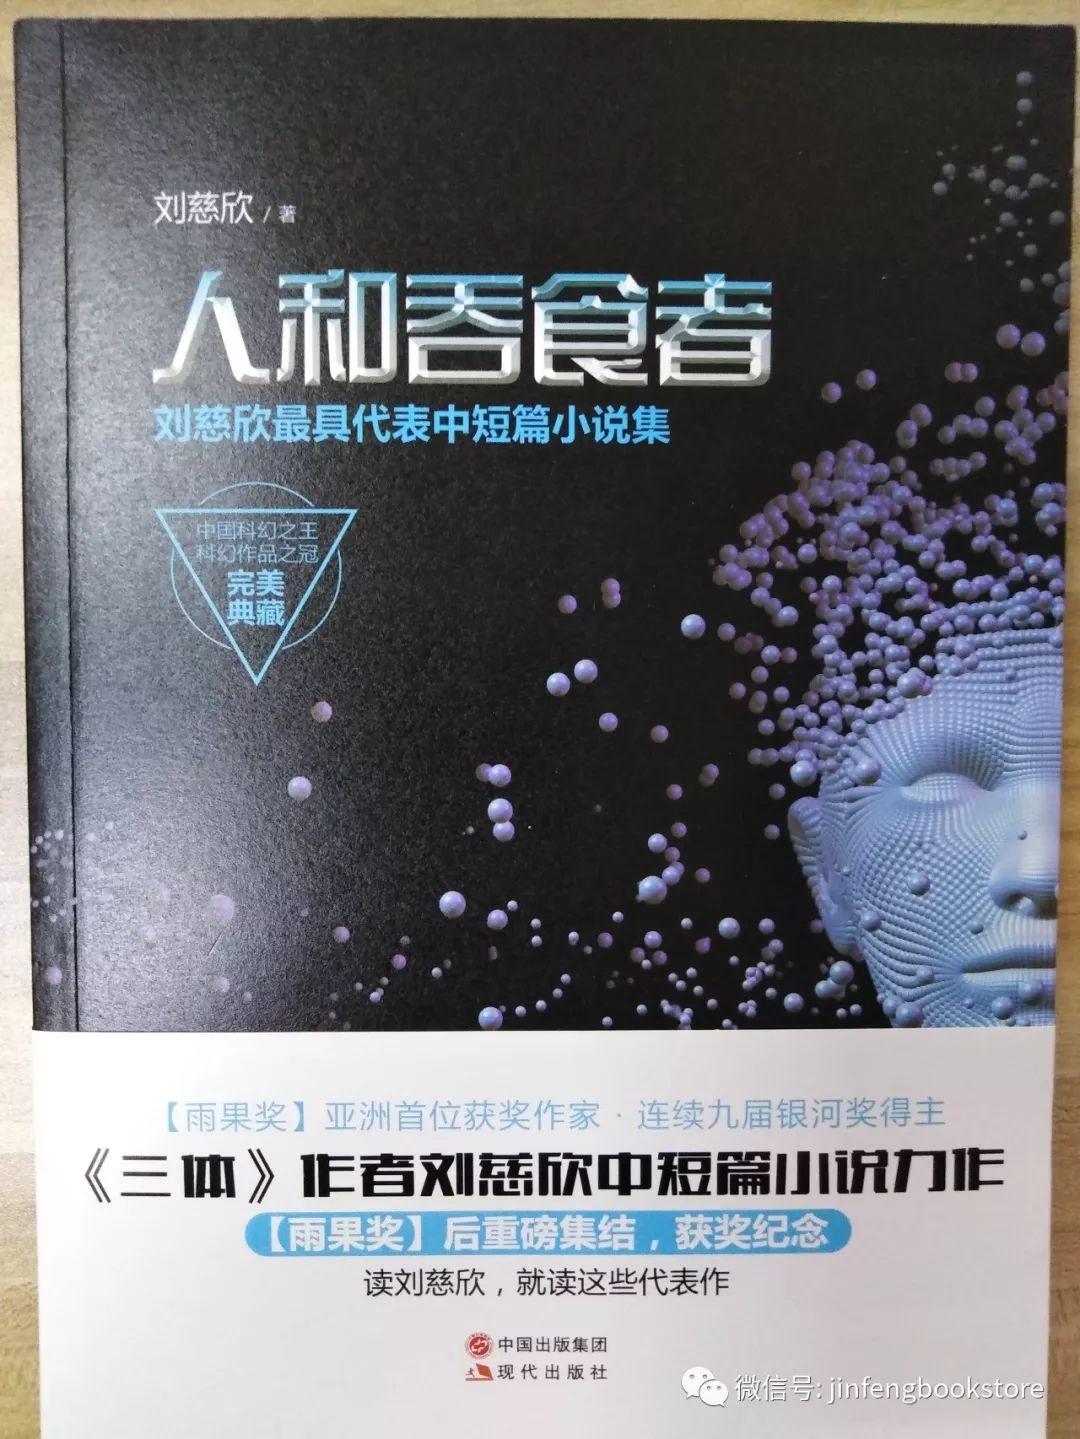 《人和吞食者》是著名科幻作家刘慈欣的中短篇小说合集,其中八篇为